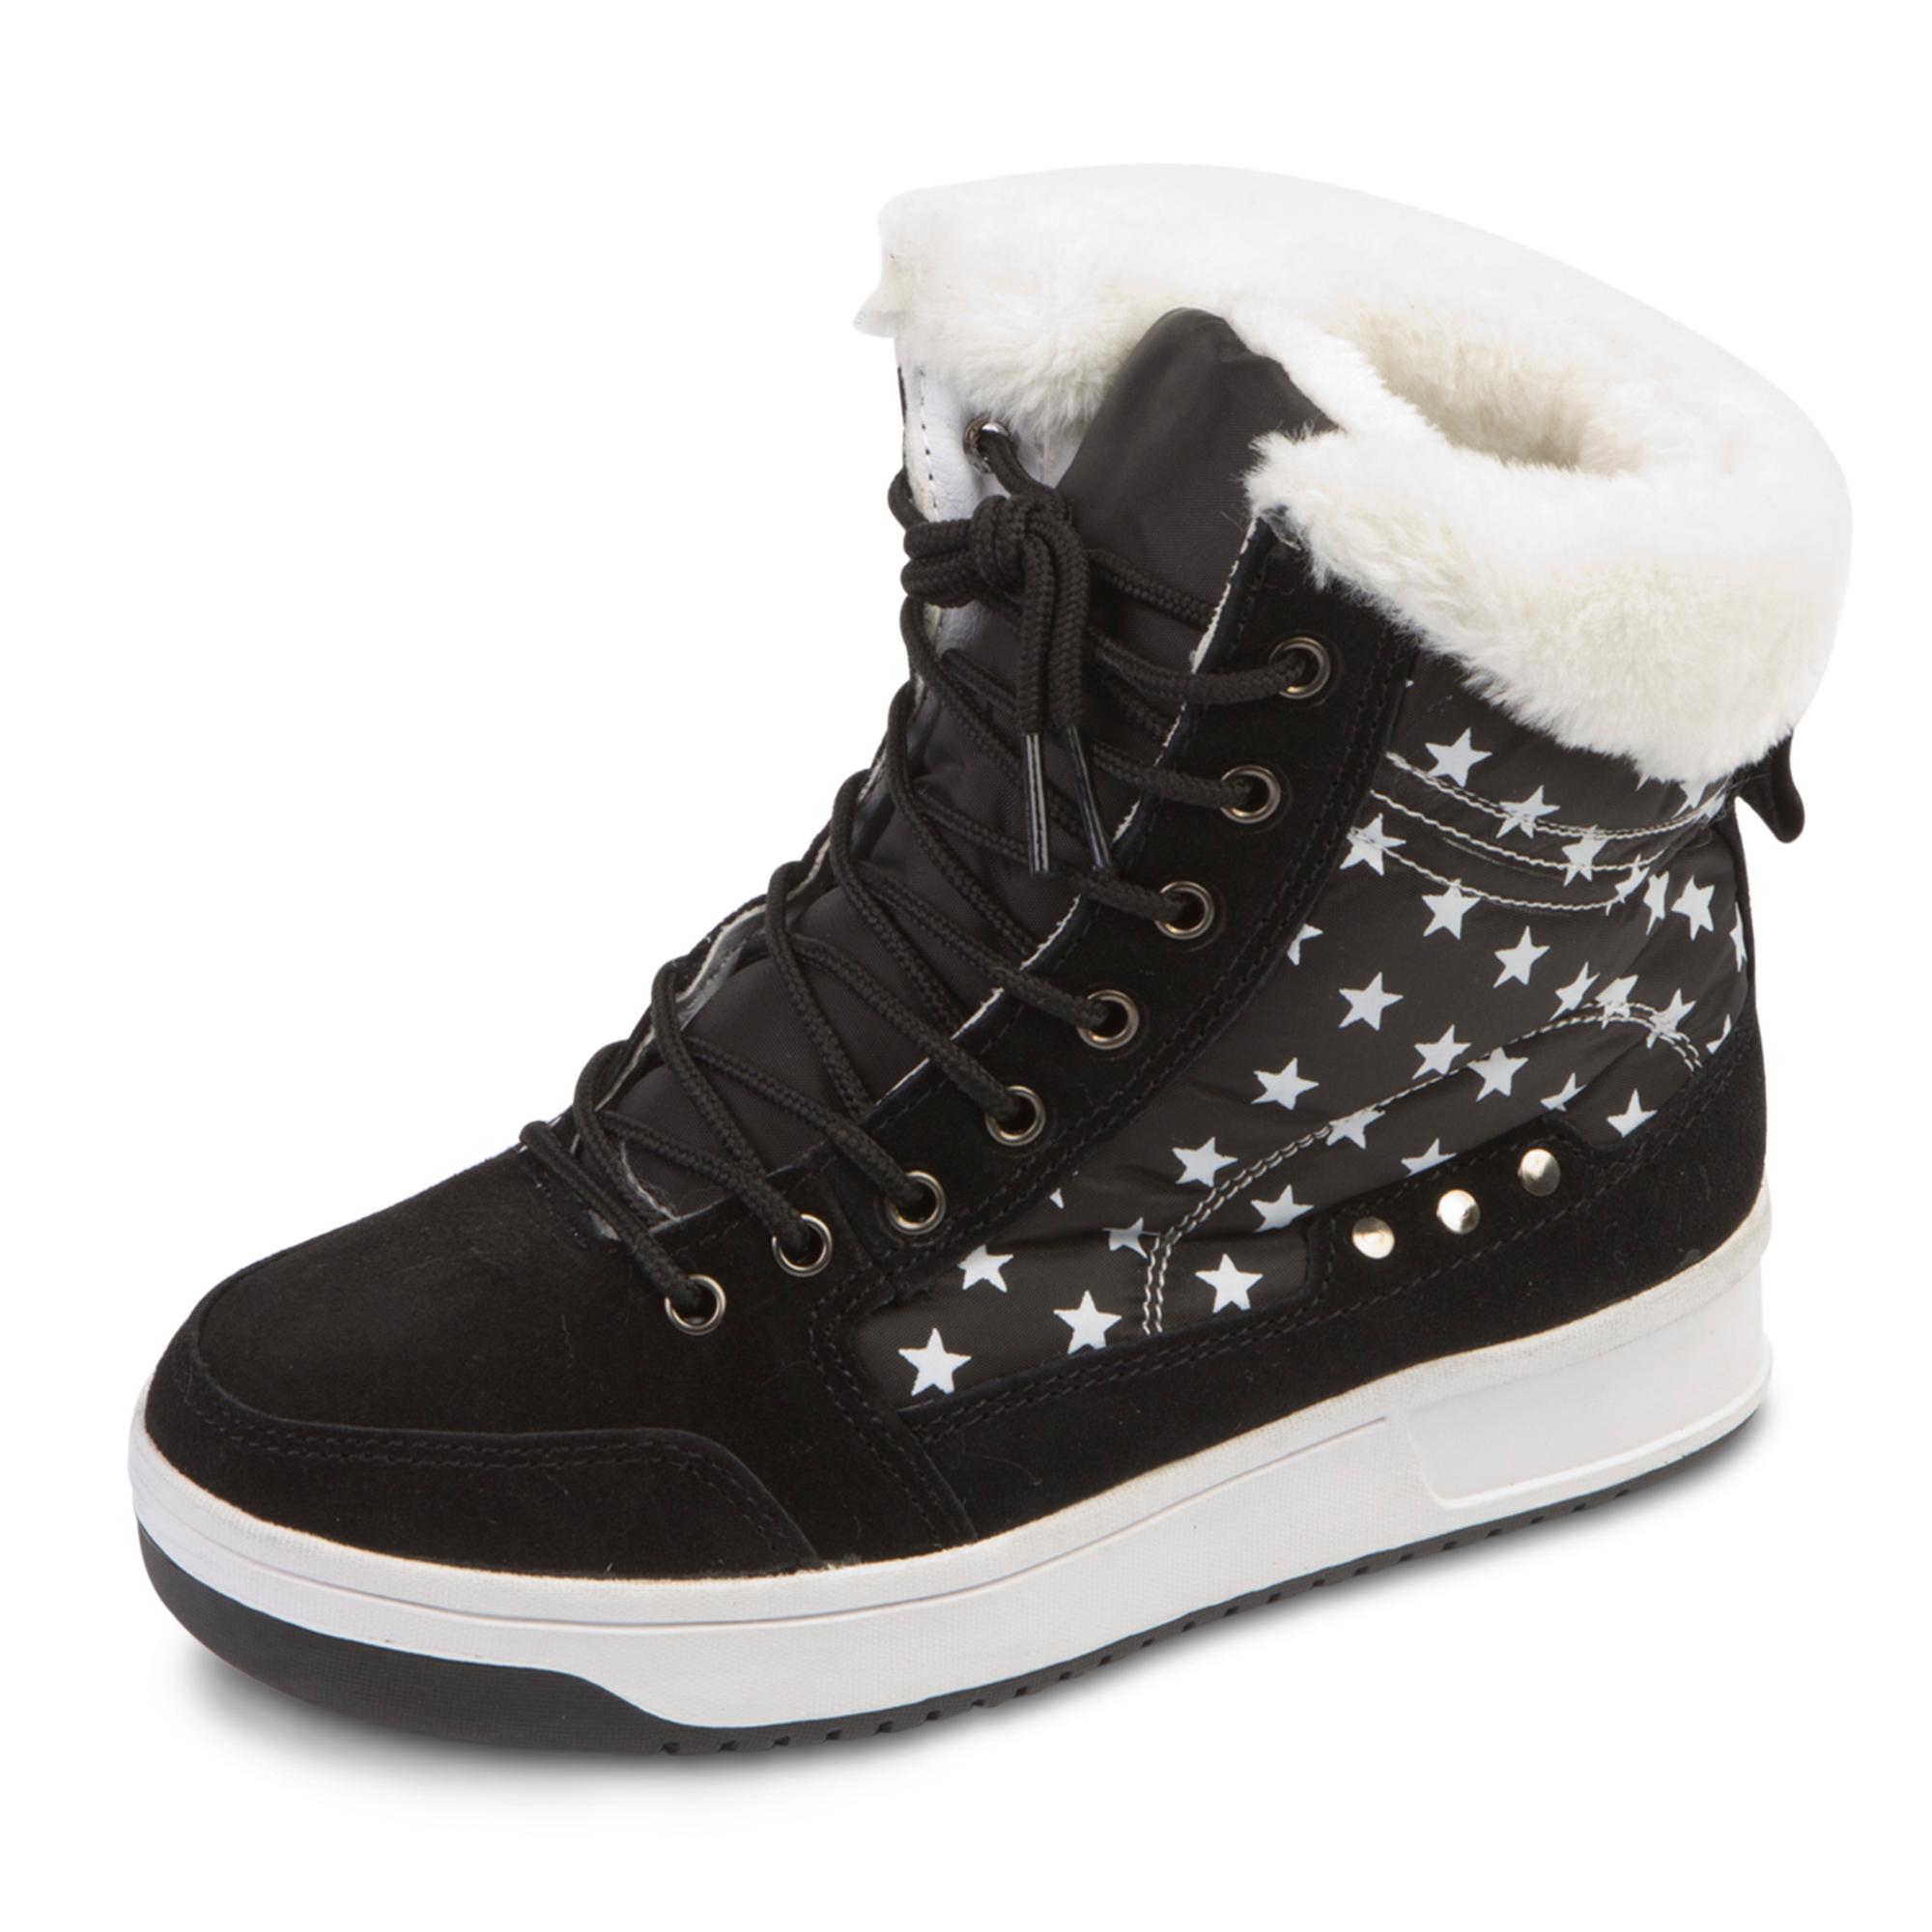 Женские зимние ботинки-дутики «Звездочки»